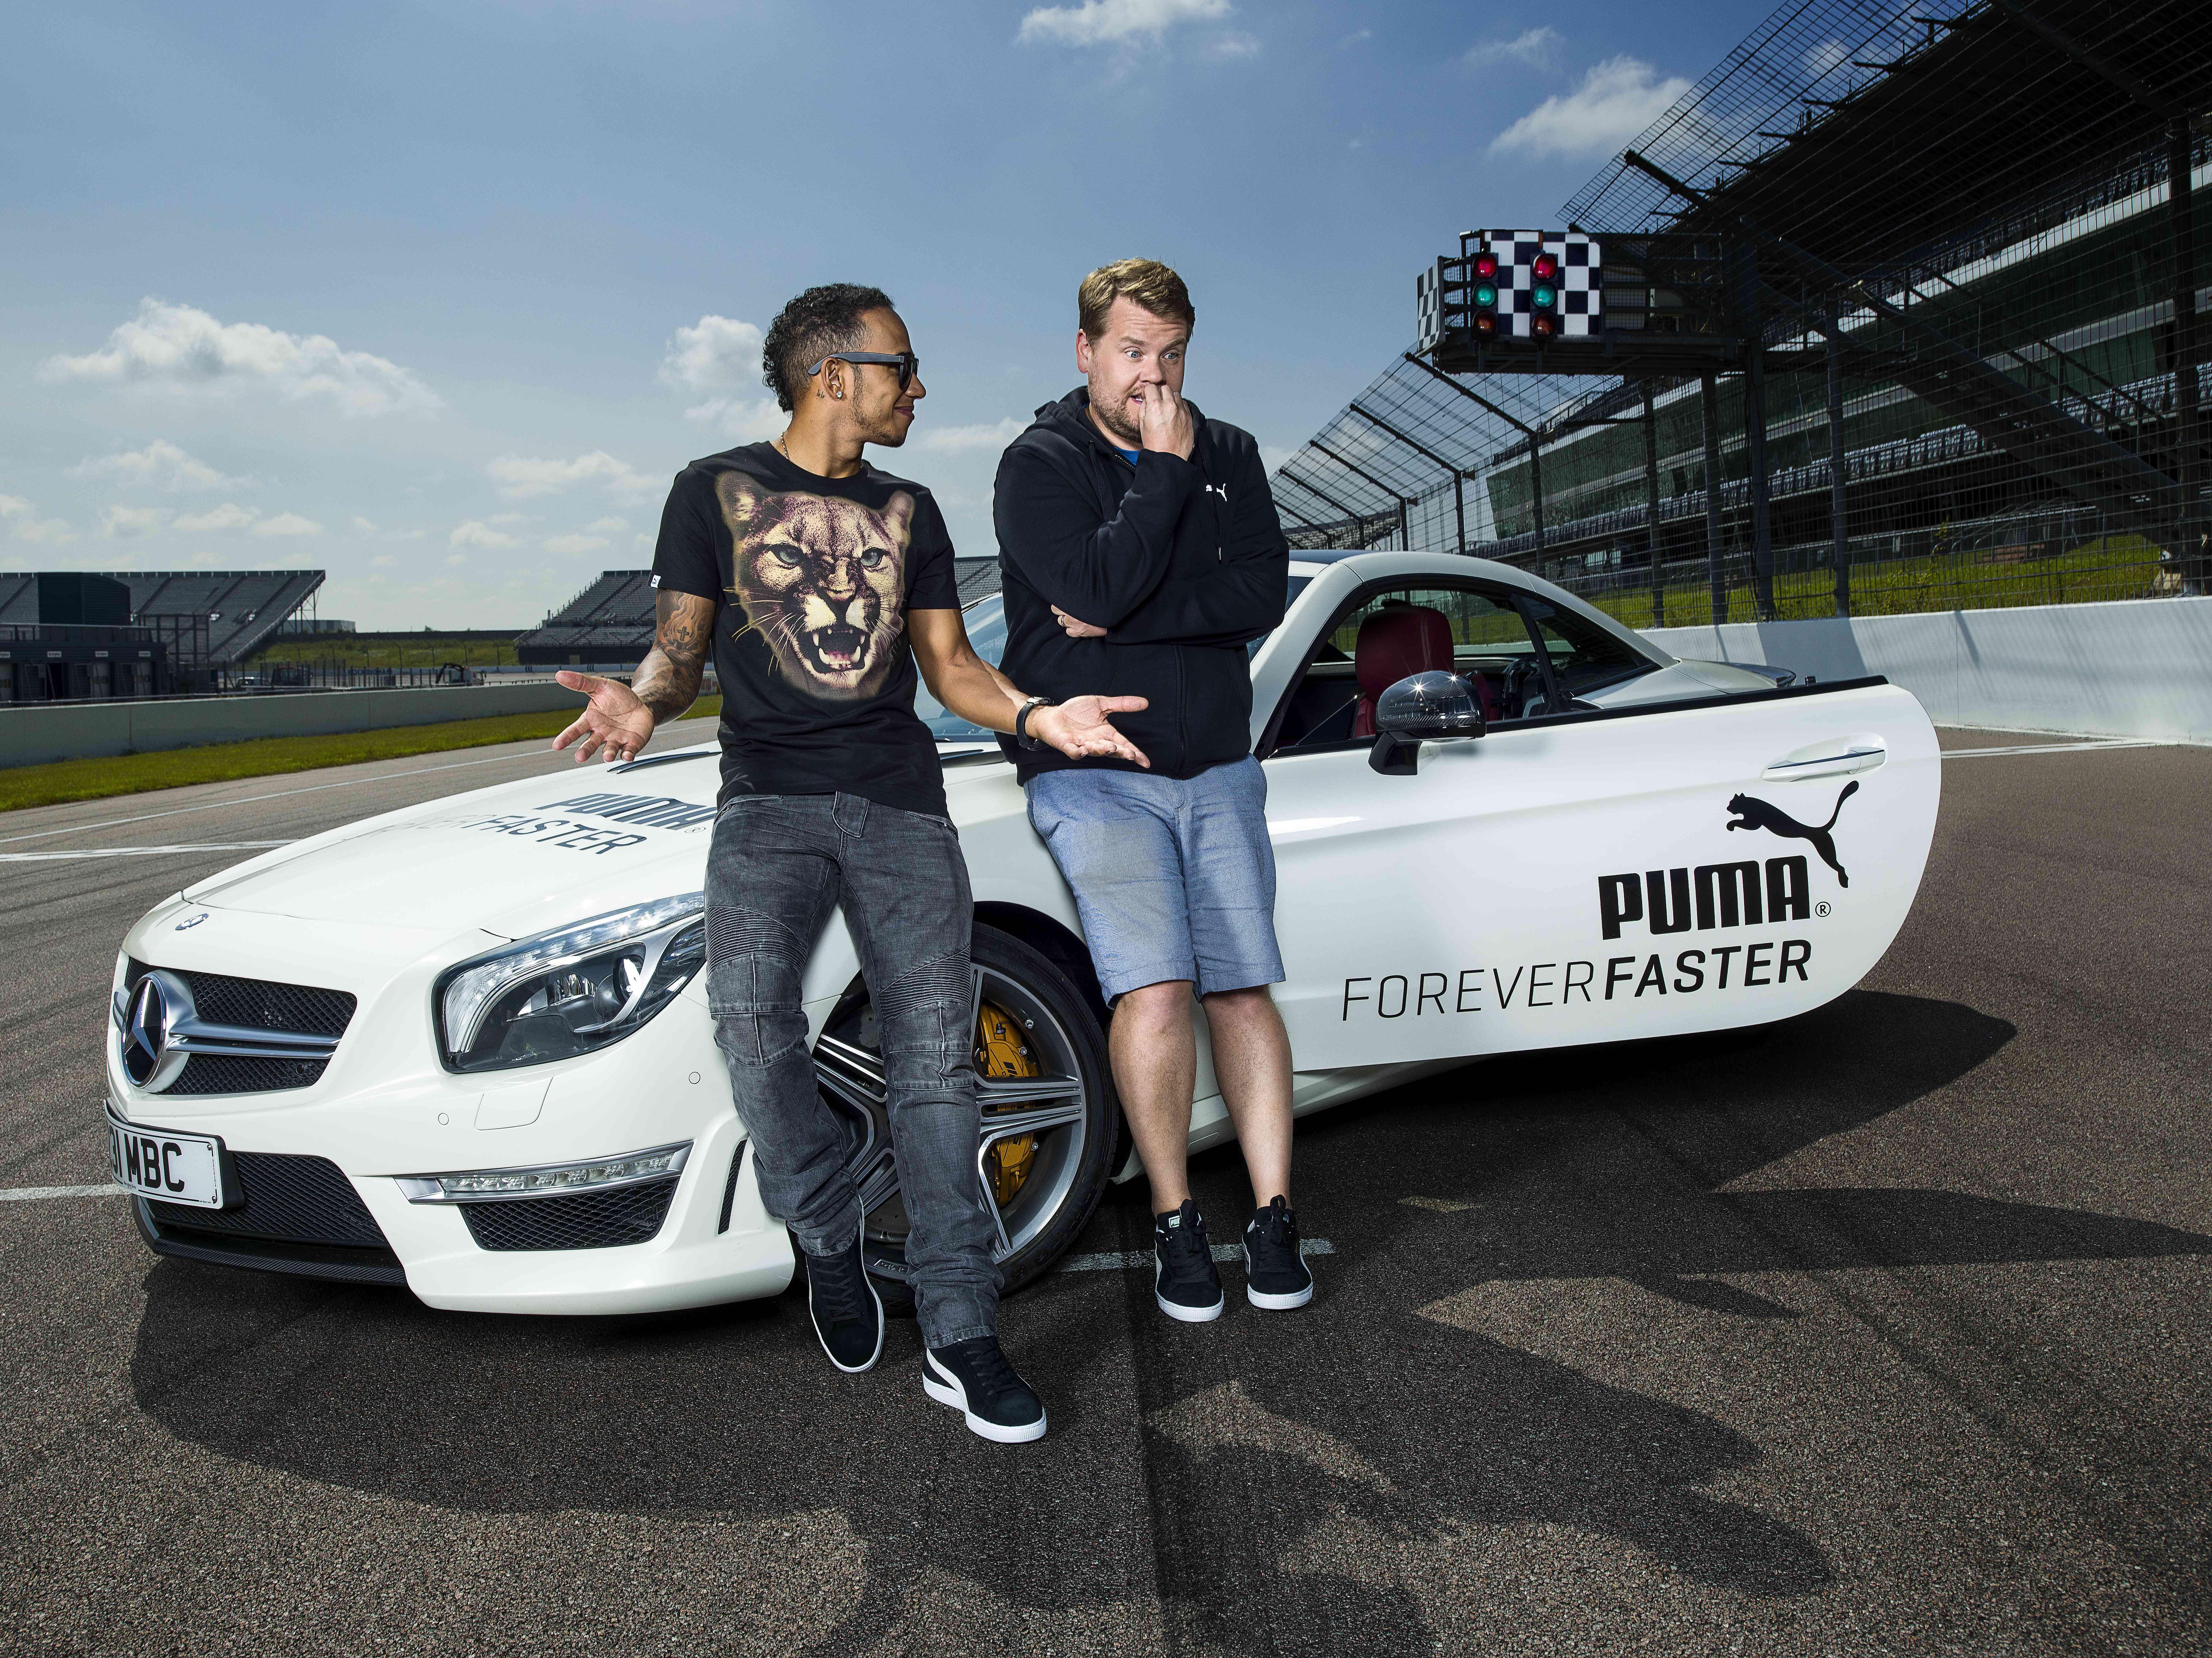 Lewis Hamilton et l'interview la plus rapide du Monde pour Puma